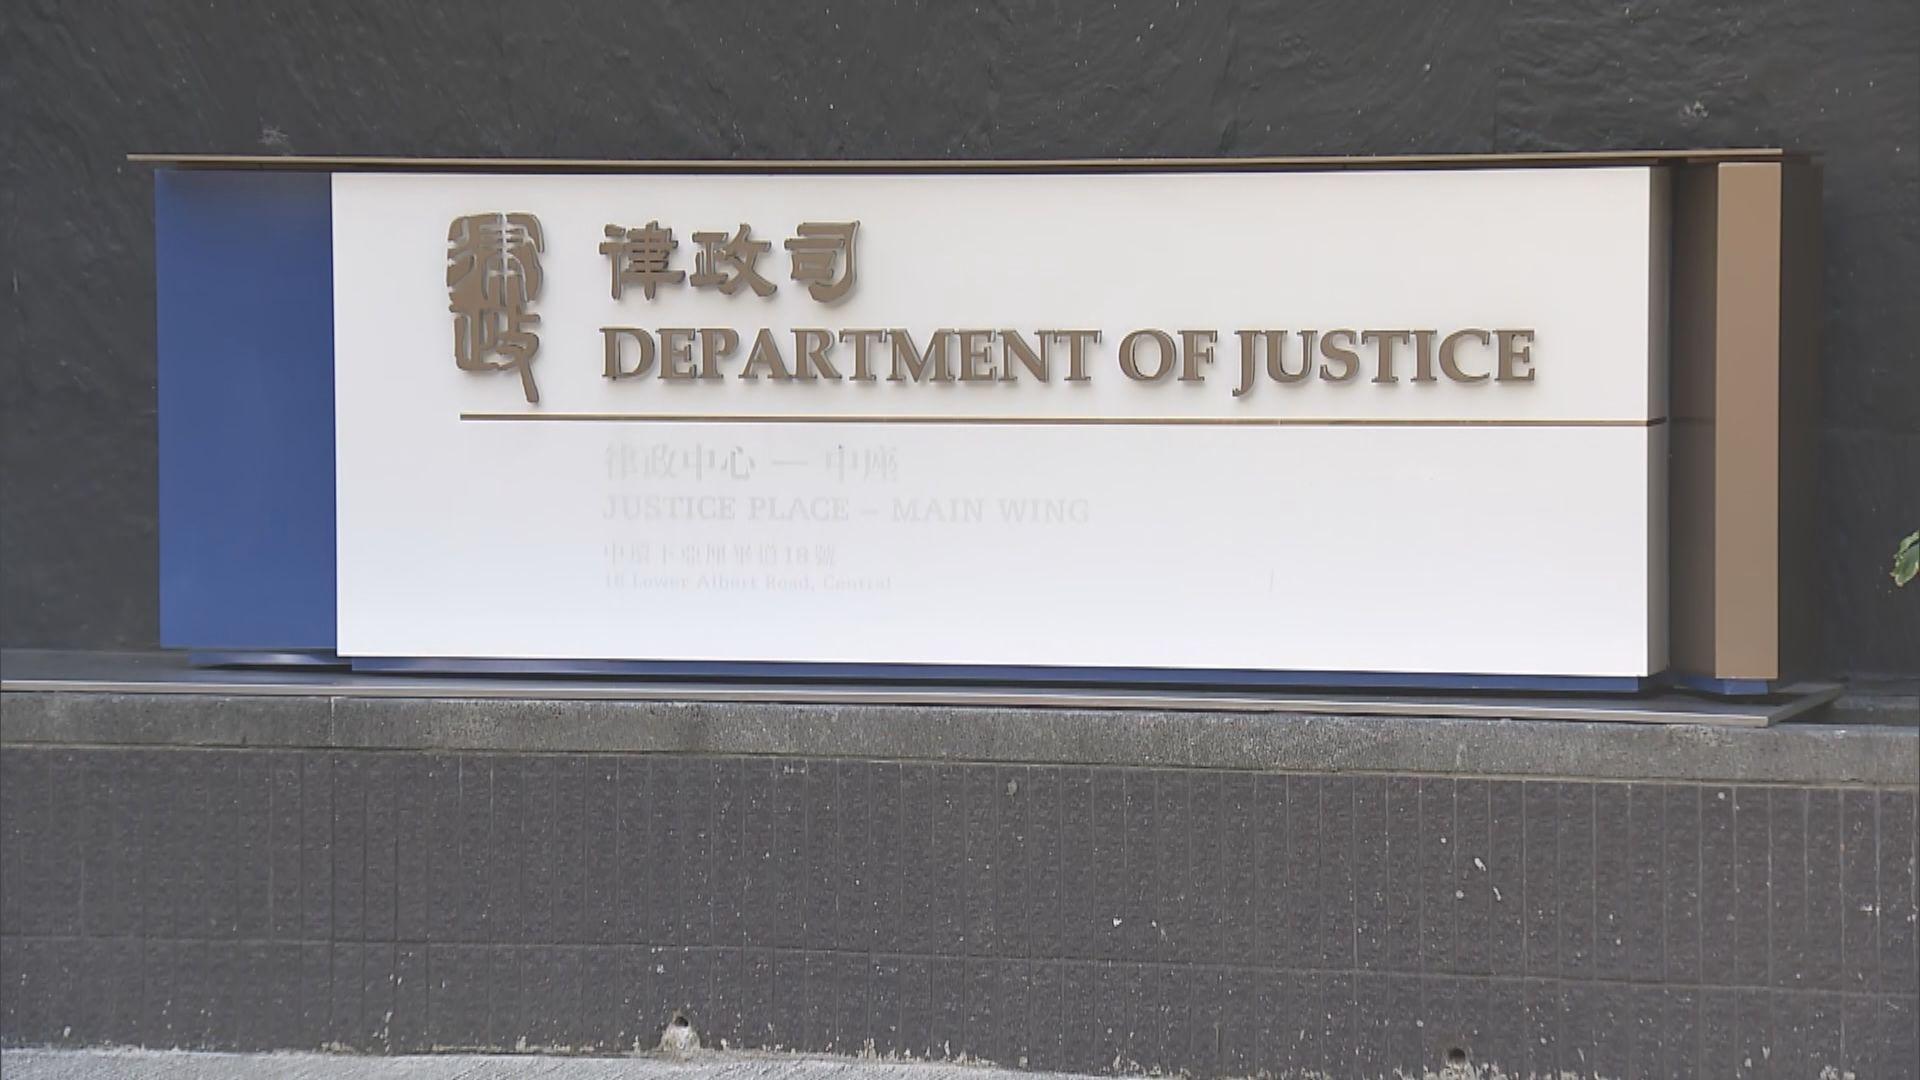 鄭若驊:修例不會影響現時資深大律師的甄選程序和準則